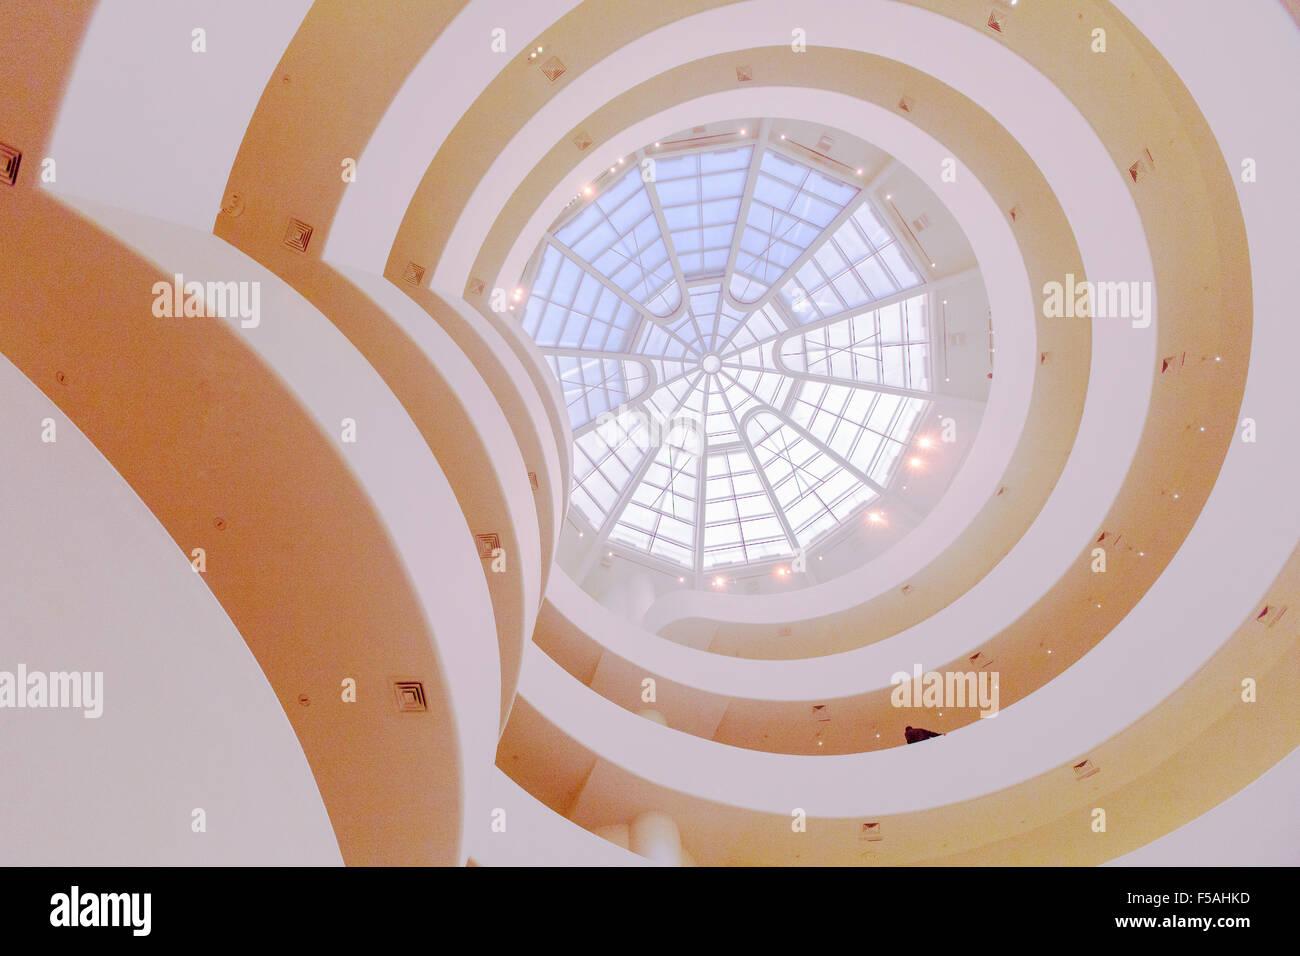 Le Musée Guggenheim de New York City, États-Unis d'Amérique. Conçu par Frank Lloyd Wright. Banque D'Images